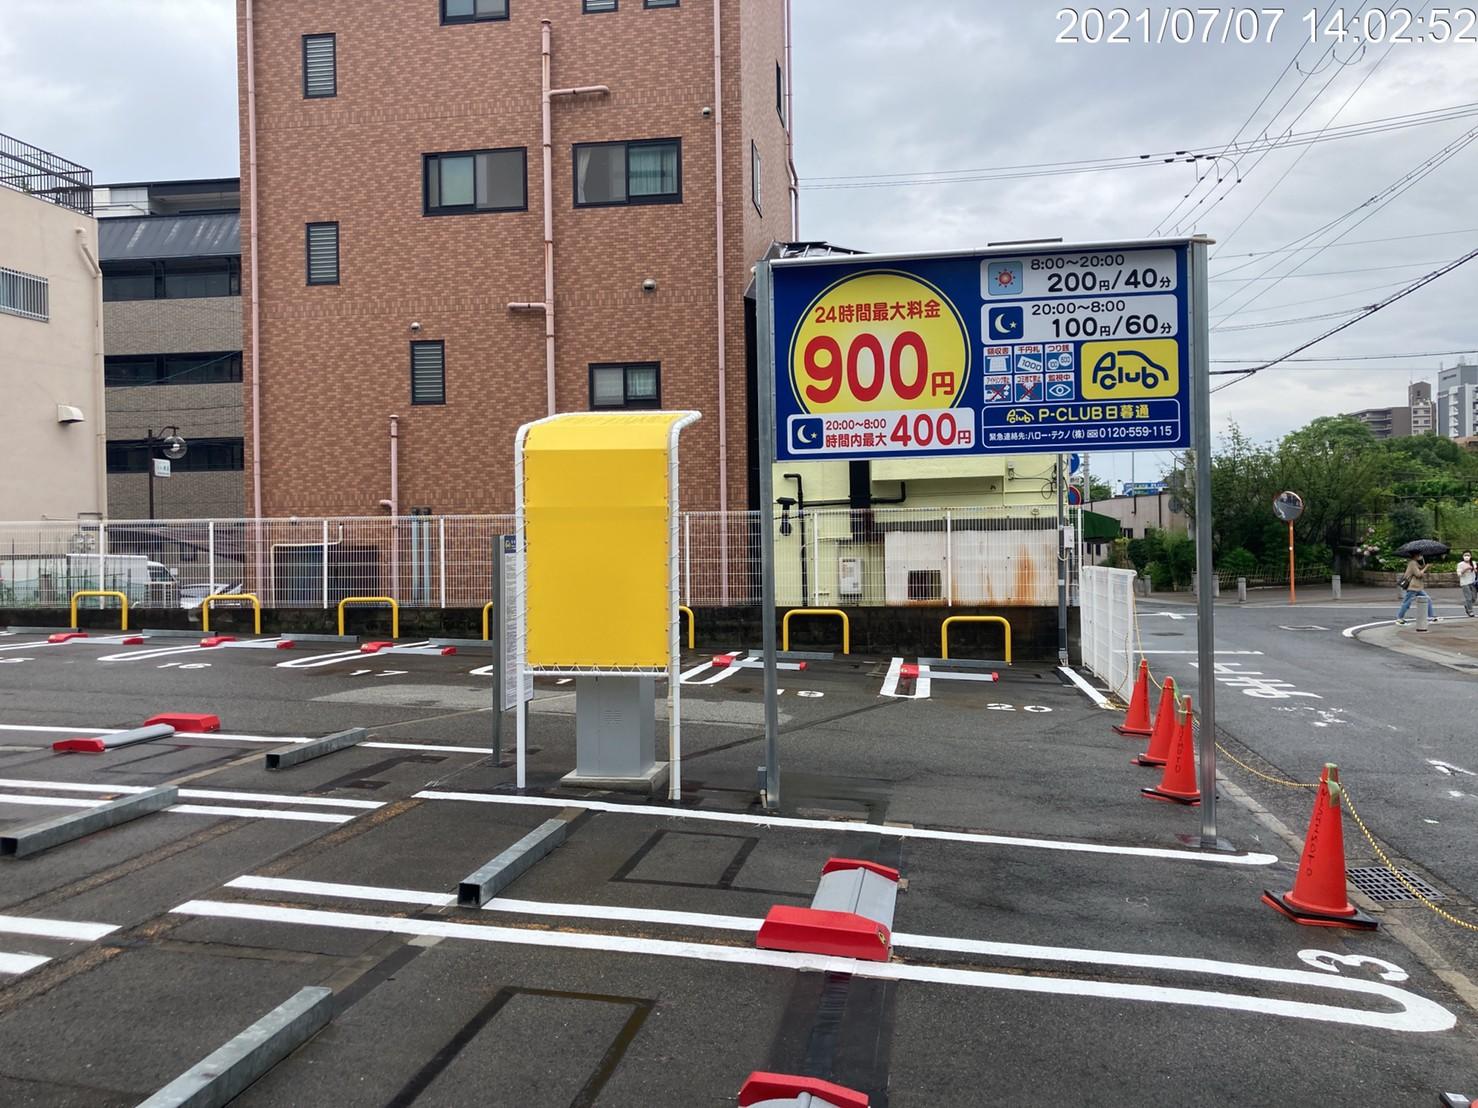 【神戸市中央区日暮通6丁目 時間貸し駐車場】P-CLUB日暮通